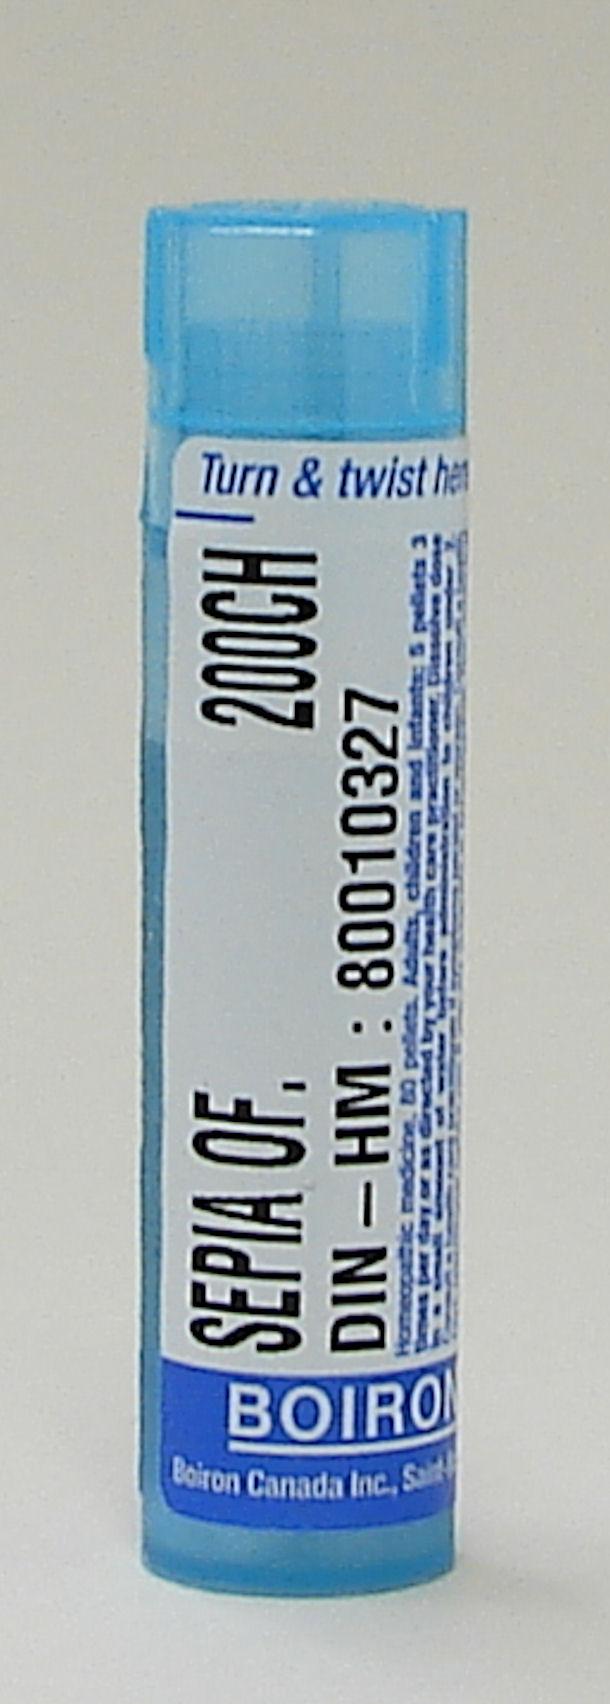 Sepia Officinalis, 200ch, sublingual pellets (Boiron)